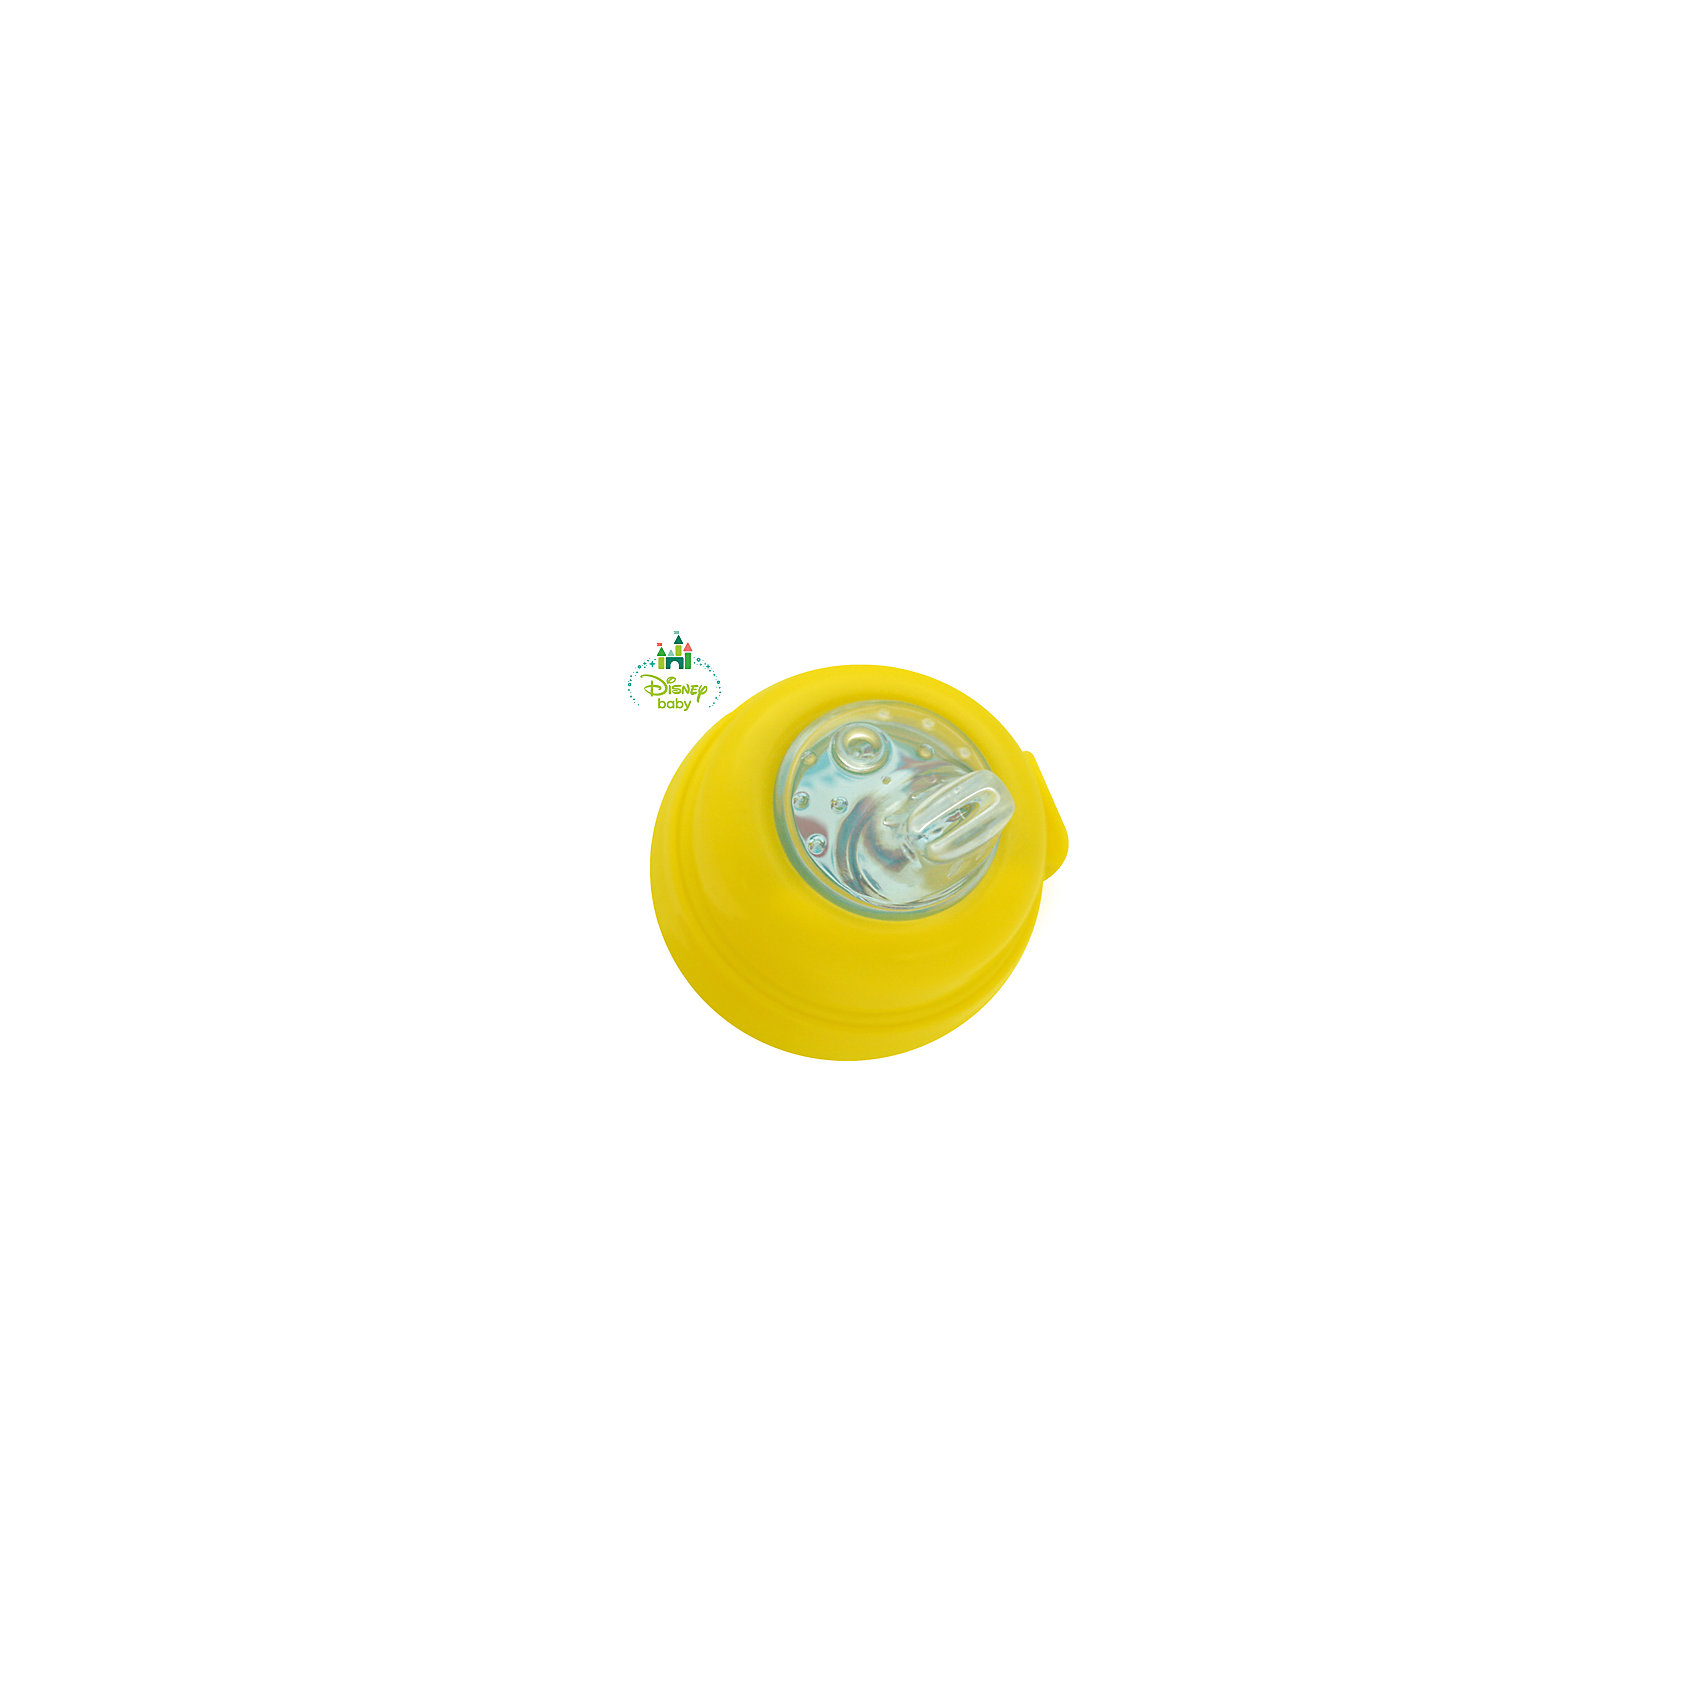 Поильник Микки DISNEY с мягким носиком, от 6 мес. 360 мл., LUBBY, голубой/зеленый